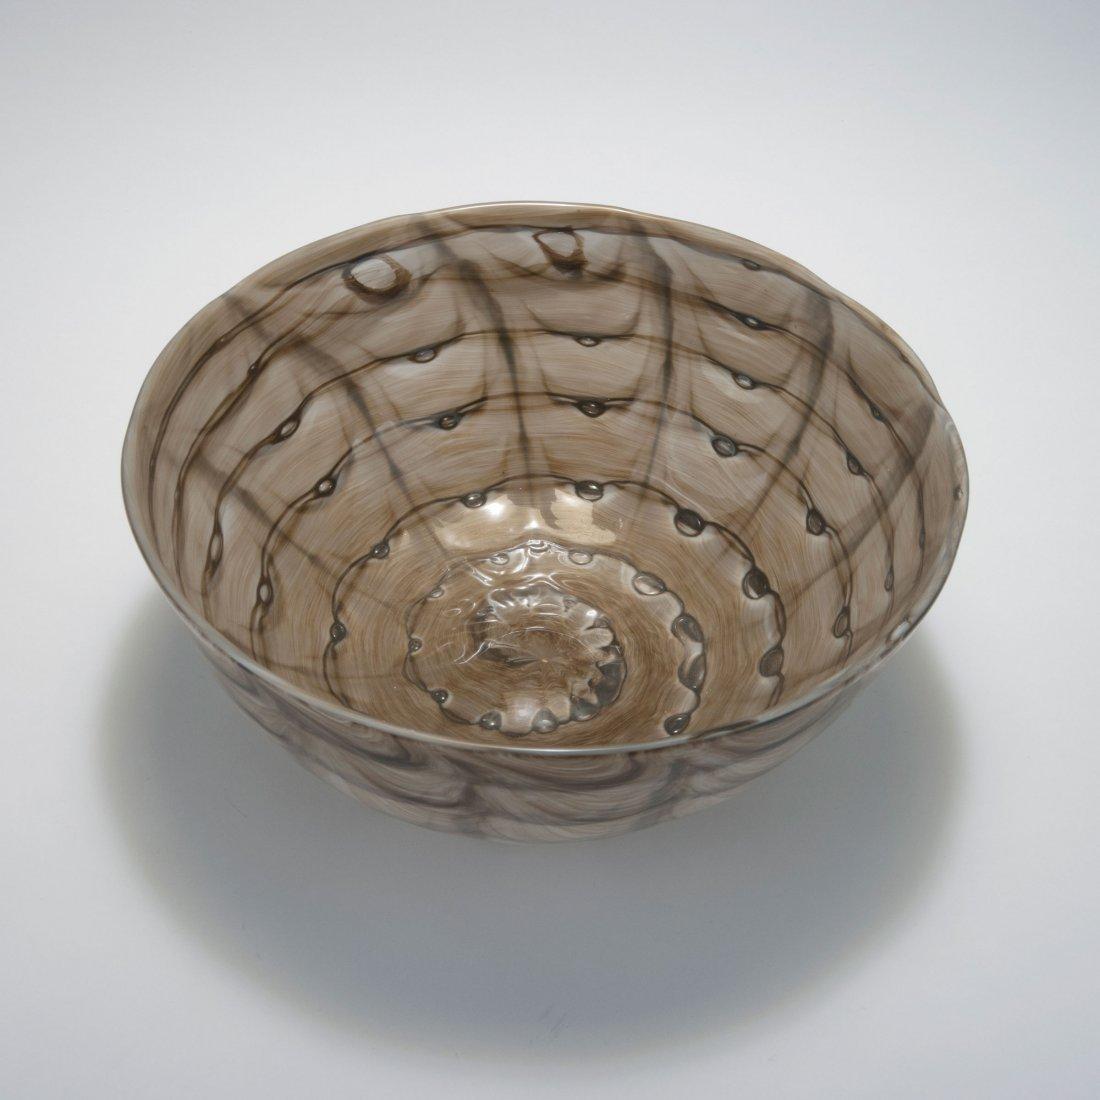 'Neolitico' bowl, 1954 - 3